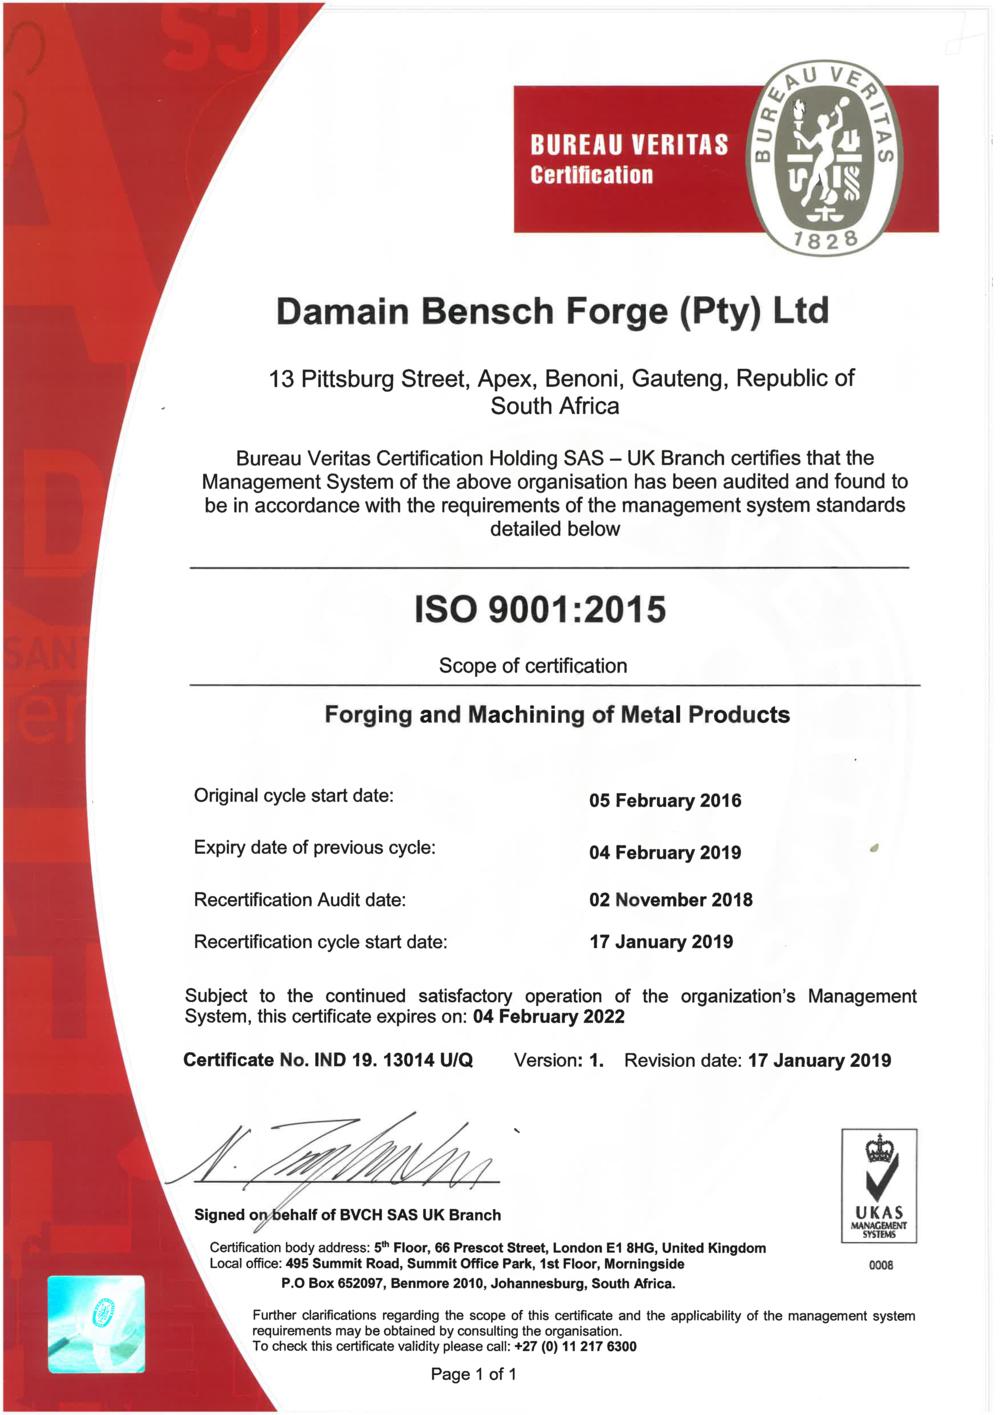 Final Cert - Damain Bensch Forge - Exp 04 February 2022.png